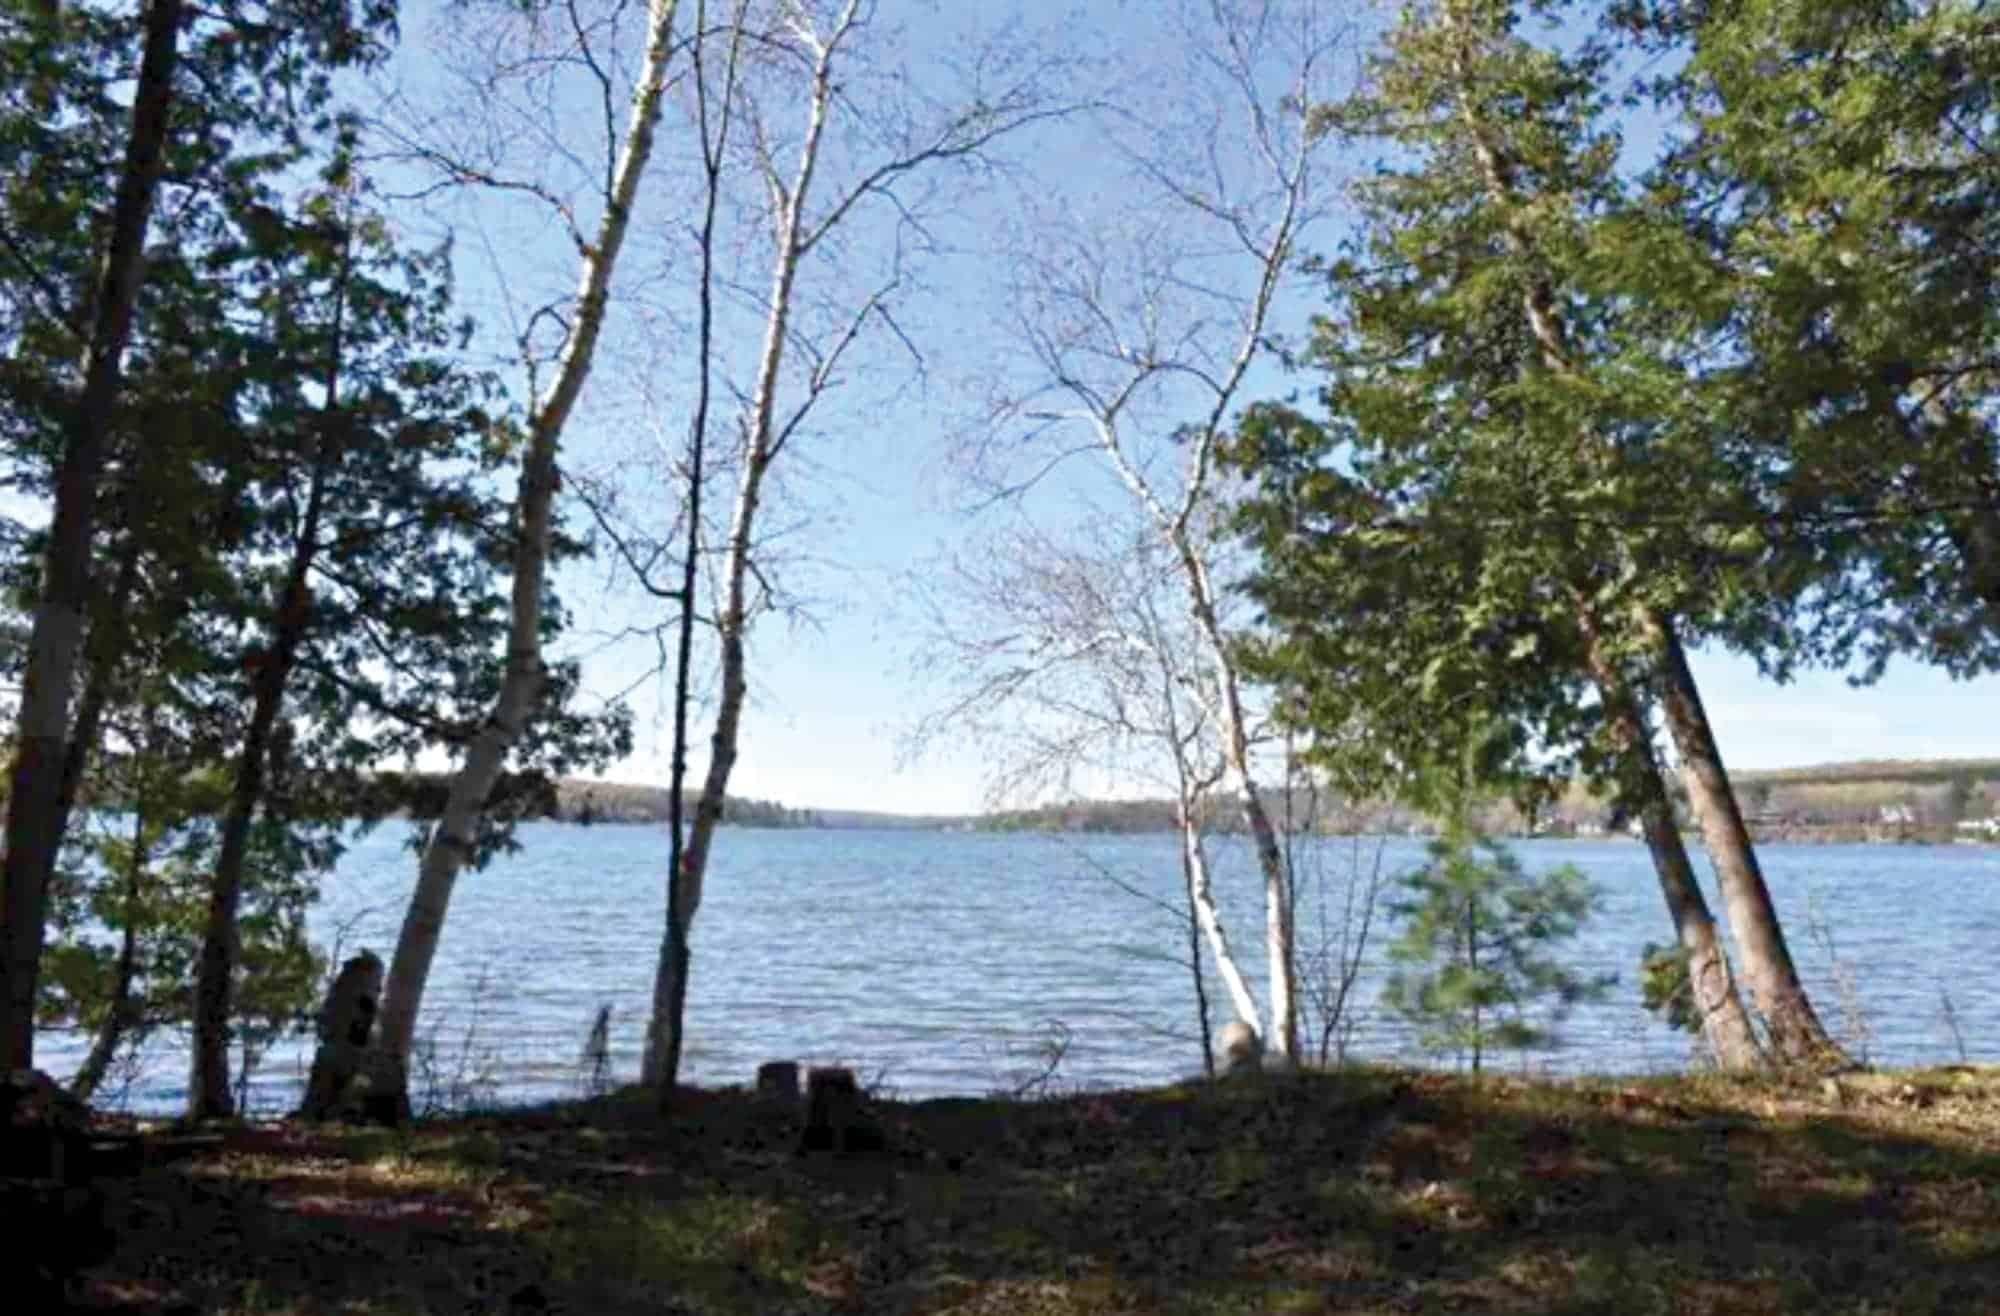 Home on Walloon Lake in Michigan